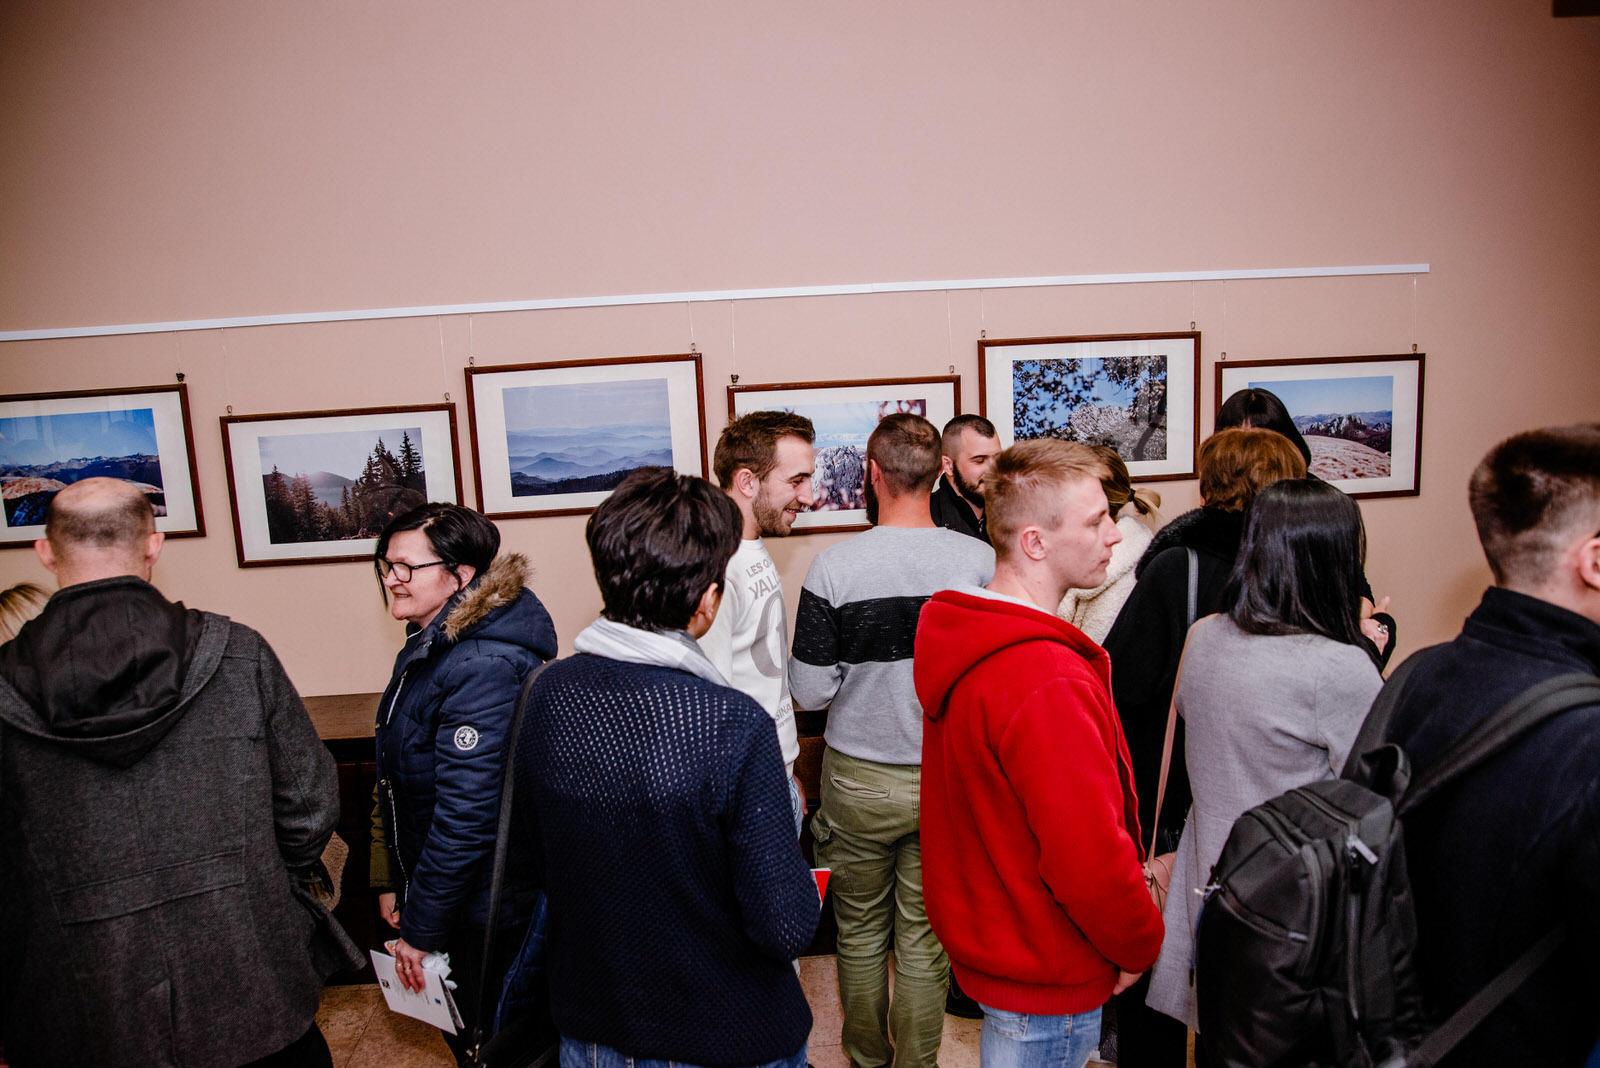 likaclub_izložba fotografije nita ratković_2020 (25)